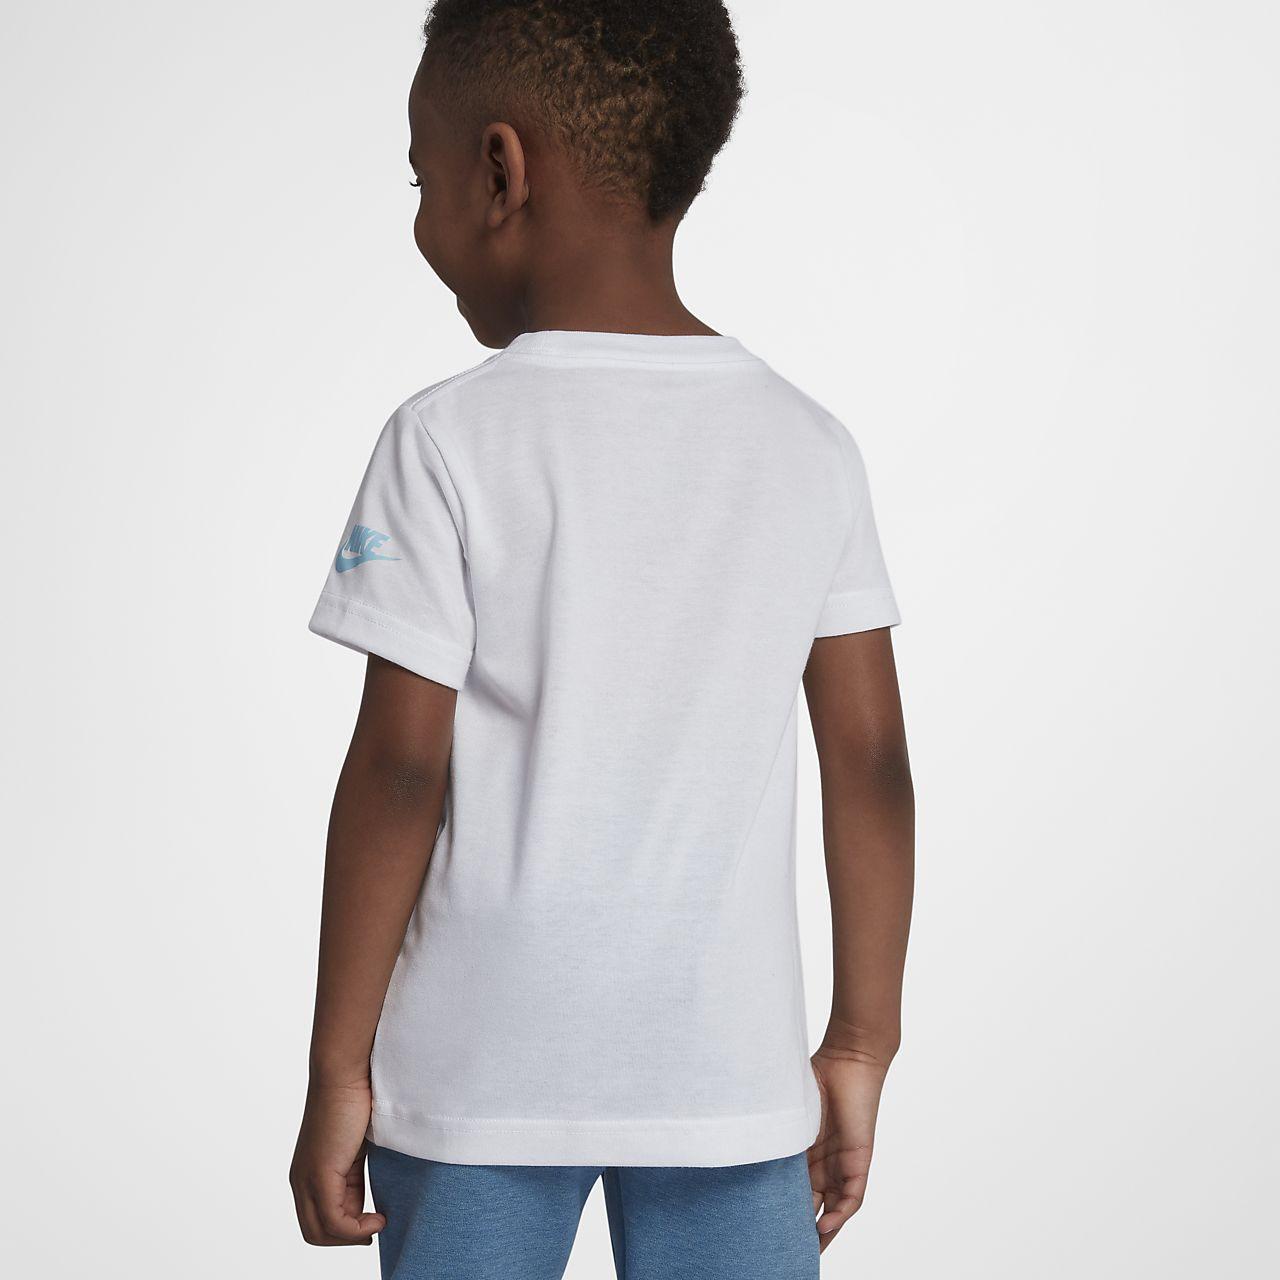 ... Tee-shirt Nike pour Jeune garçon